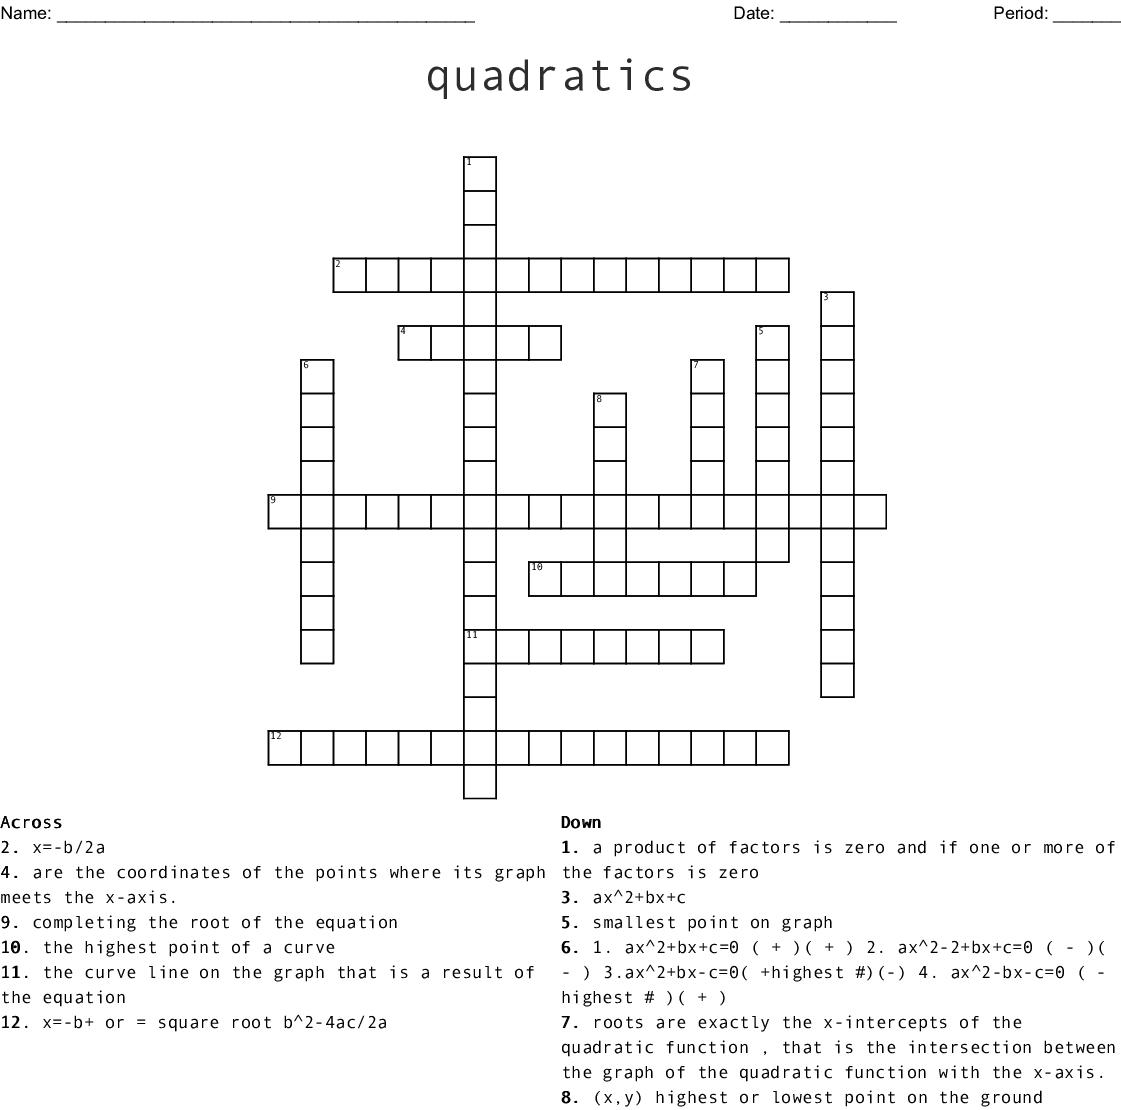 Quadratics Crossword